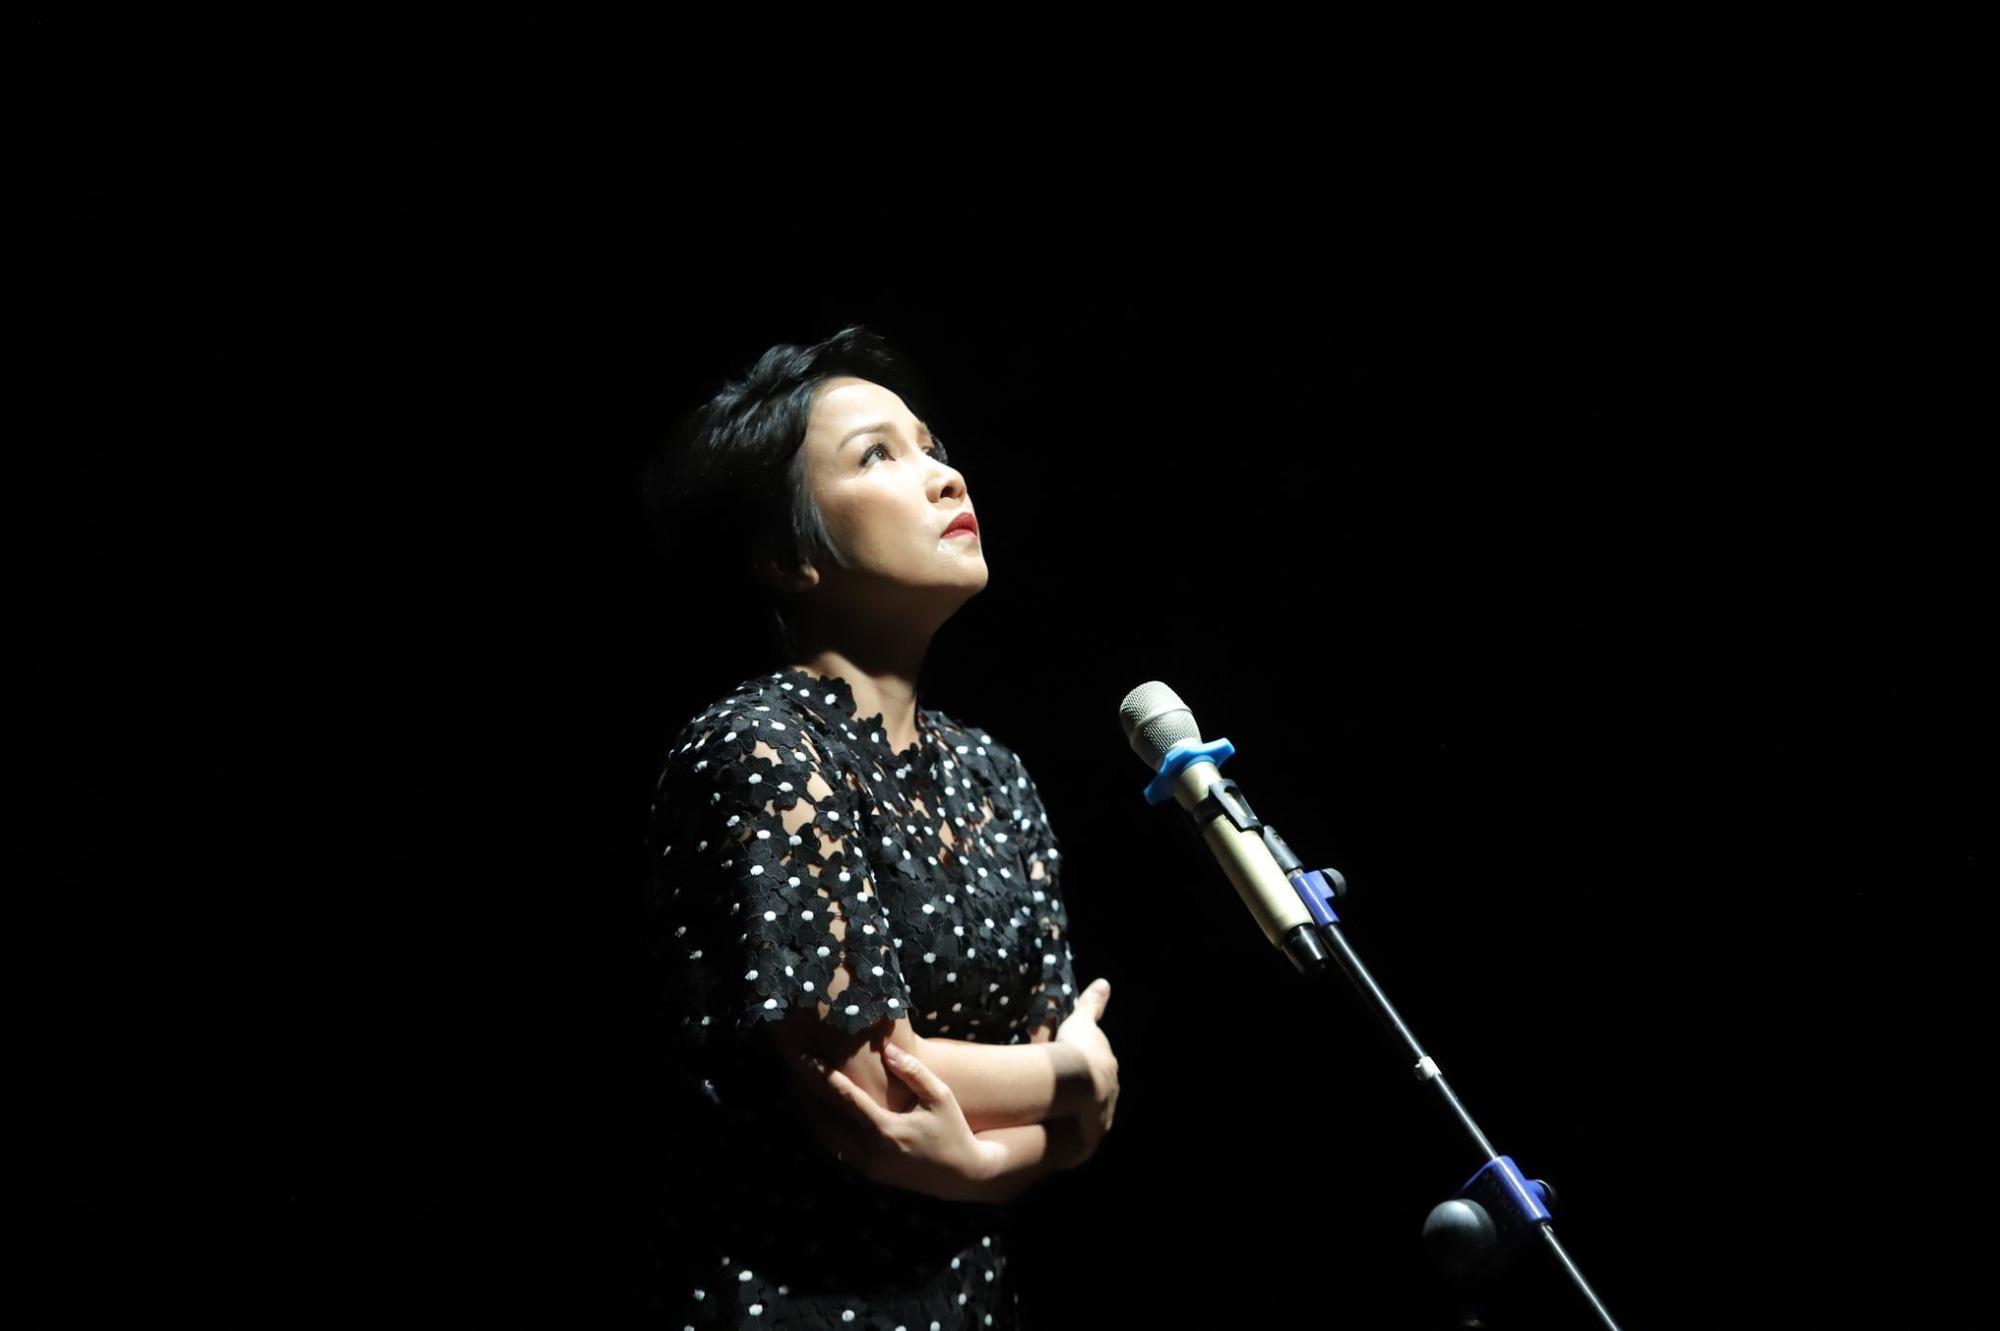 """""""Se sẽ 2021"""" - Khi thơ Lưu Quang Vũ - Xuân Quỳnh được cất lên bằng 20 ngôn ngữ khác nhau - Ảnh 10."""